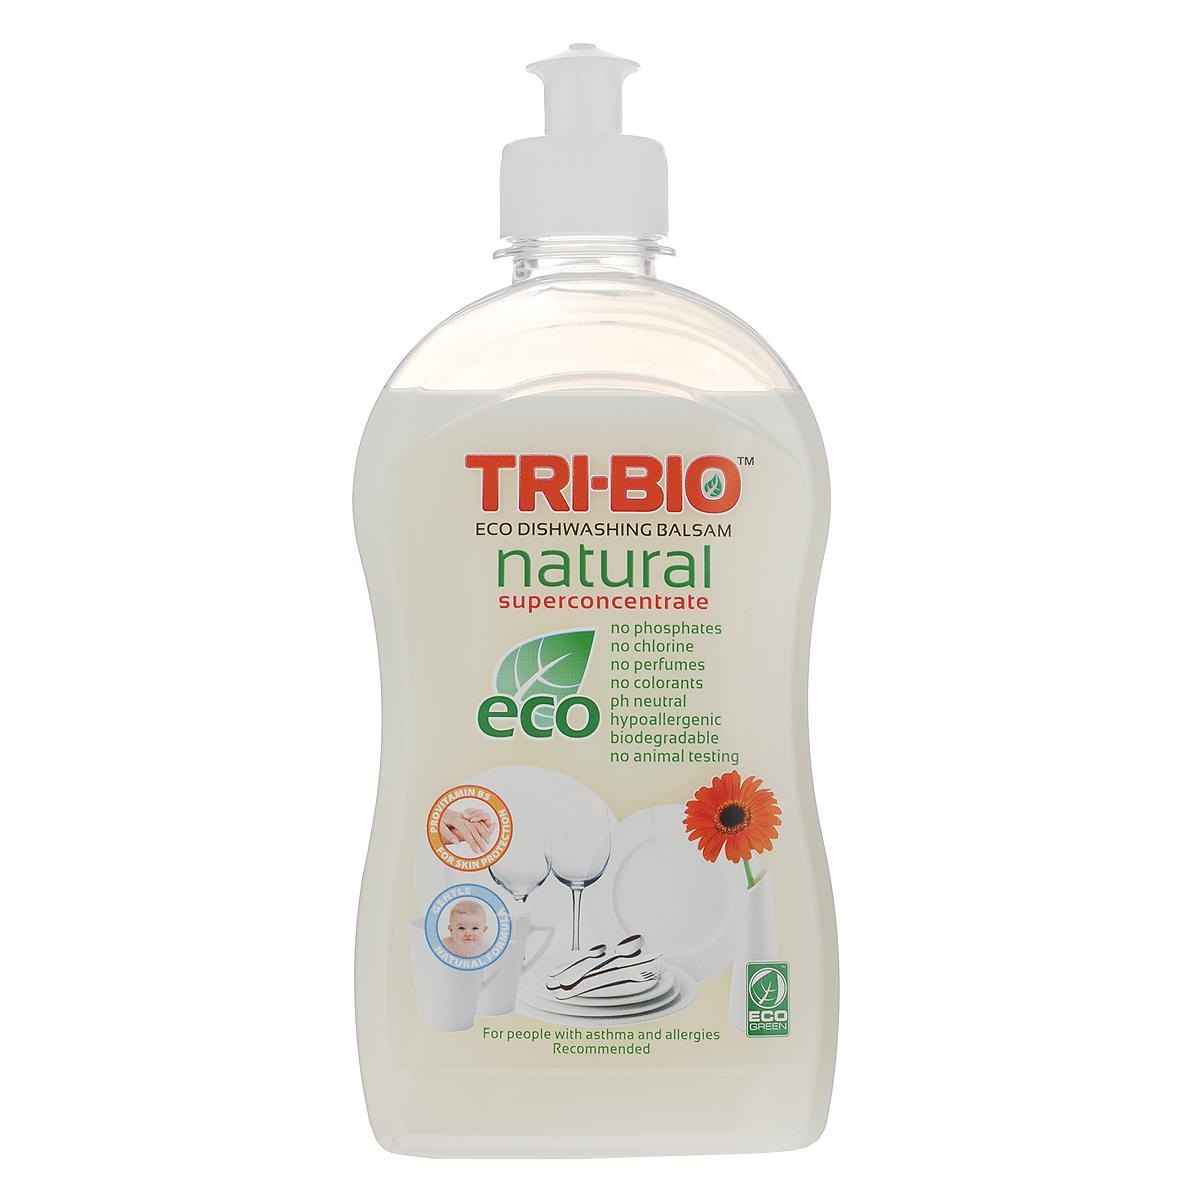 Натуральный эко-бальзам для мытья посуды Tri-Bio, 420 мл0420Эффективная формула основана на натуральных растительных и минеральных компонентах, кокосовом масле, сахаре, а также провитамине В5 для смягчения кожи. Нейтральный рH. Супер концентрированный густой белый бальзам создает нежную пену, которая эффективно удаляет жир и остатки пищи с посуды и стеклянных, керамических, каменных и металлических поверхностей. Не содержит опасных химических веществ, но также эффективна, как широко известные жесткие химические моющие средства. Подходит людям с чувствительной кожей: оказывает более щадящее воздействие на руки, не сушит кожу, не повреждает ногти, не раздражает дыхательные пути. Идеально подходит для мытья детской посуды.Рекомендуется для людей, склонных к аллергическим реакциям и страдающих астмой.Для здоровья: Без фосфатов, растворителей, хлора отбеливающих веществ, абразивных веществ, отдушек, красителей, токсичных веществ. Для окружающей среды: Низкий уровень ЛОС, легко биоразлагаемо, минимальное влияние на водные организмы, рециклируемые упаковочные материалы, не испытывалось на животных. Присвоен сертификат ECO GREEN.Как выбрать качественную бытовую химию, безопасную для природы и людей. Статья OZON Гид